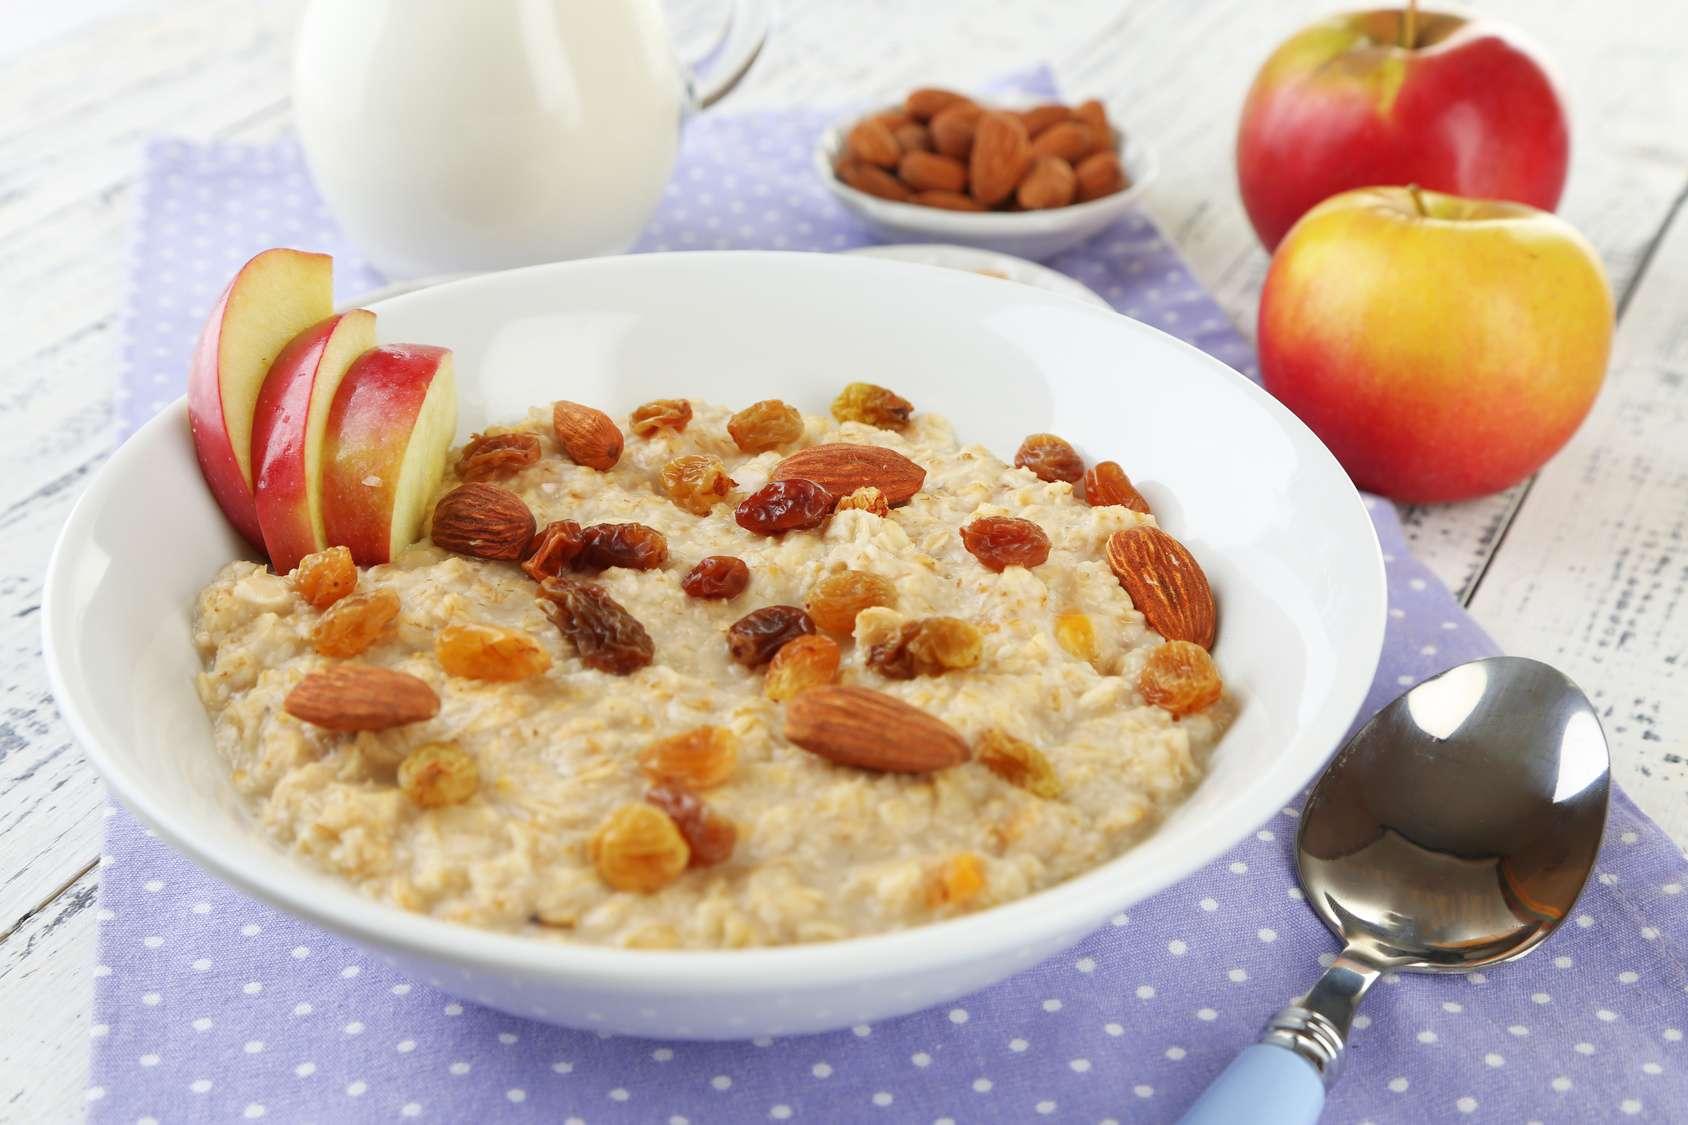 Самые полезные каши на завтрак. полезно ли каждое утро на завтрак есть кашу? какие каши лучше кушать на завтрак